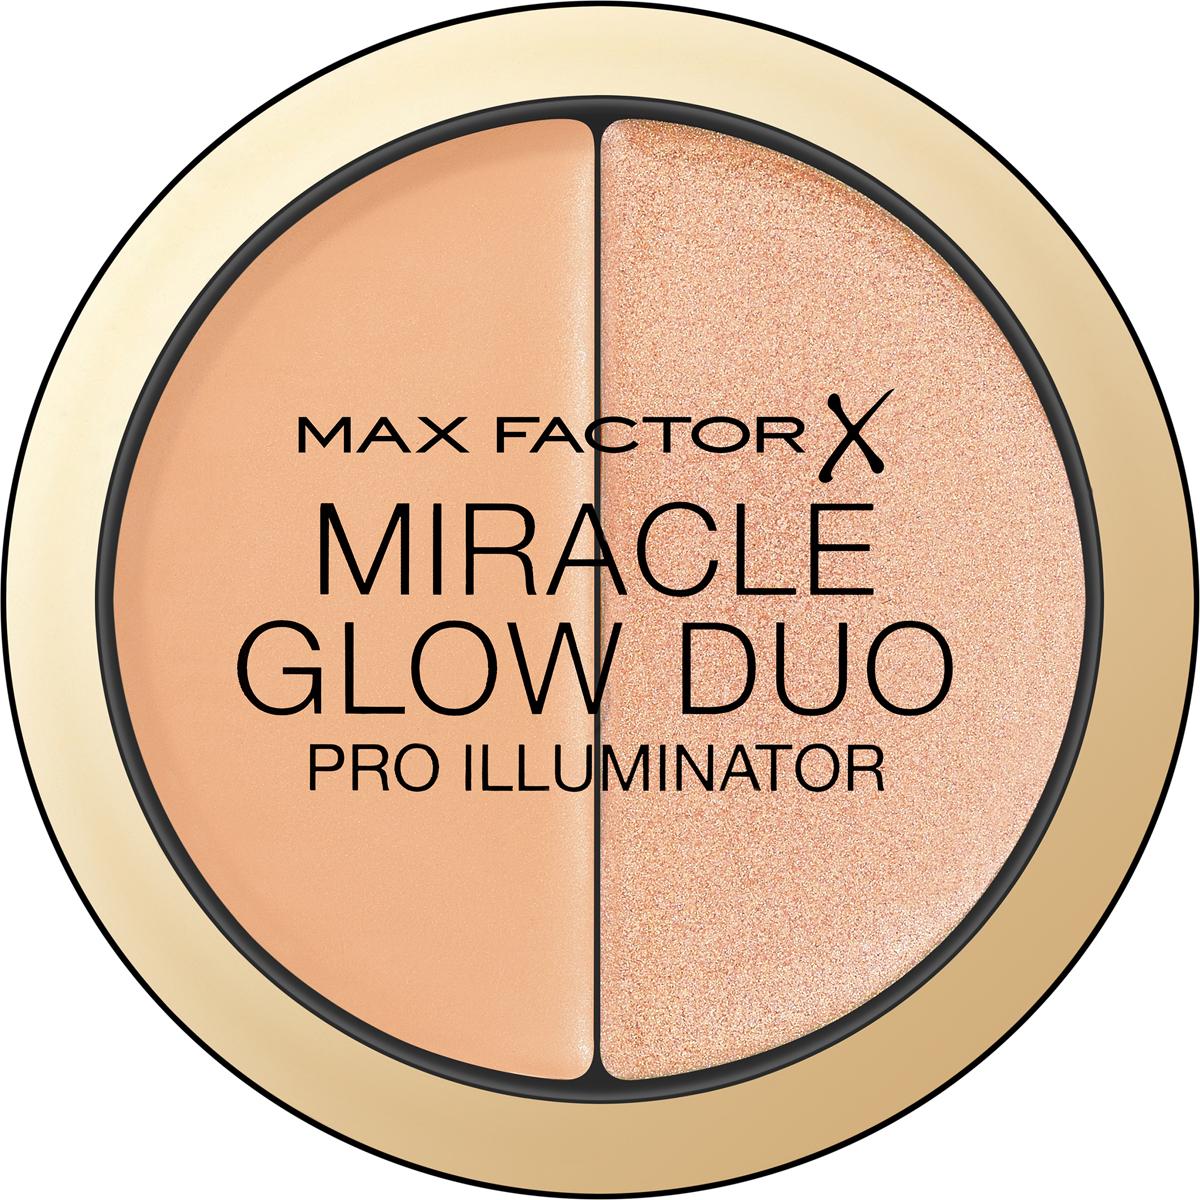 Max Factor Хайлайтер Miracle Glow Duo, тон №20 medium81646545Max Factor Glow Duo – это дуэт кремовых хайлайтеров (1 мягкий и 1 сияющий оттенок), которые можно использовать как вместе, так и по отдельности. Лёгкая формула легко растушёвывается и не требует особых навыков